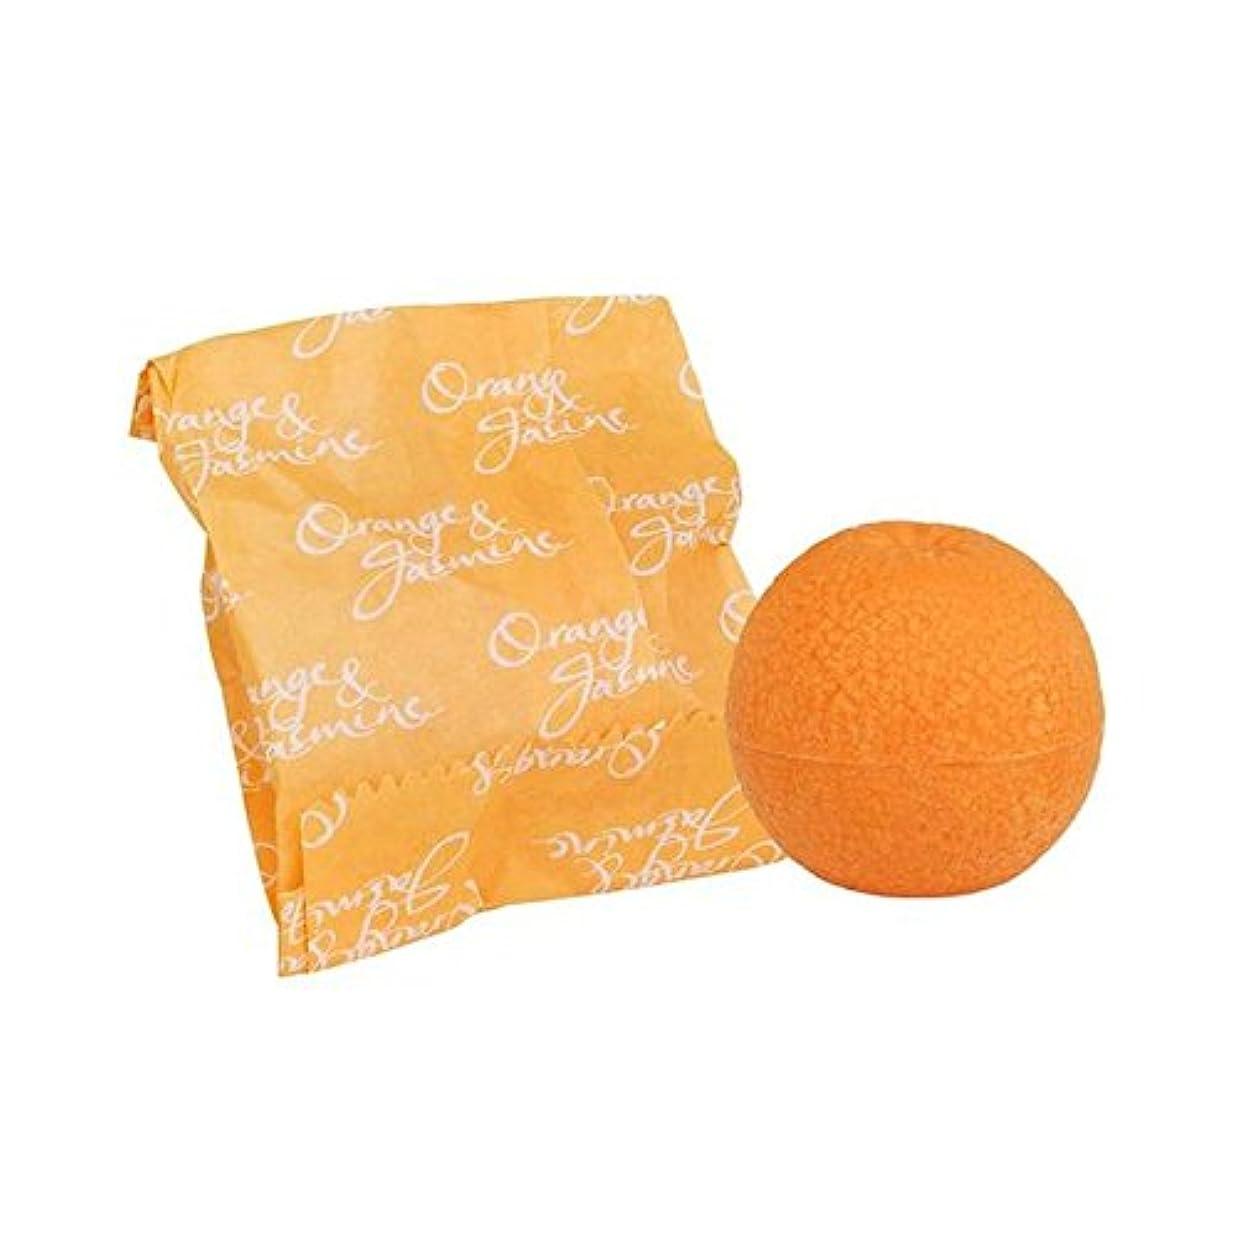 オレンジ&ジャスミン石鹸100グラム x2 - Bronnley Orange & Jasmine Soap 100g (Pack of 2) [並行輸入品]